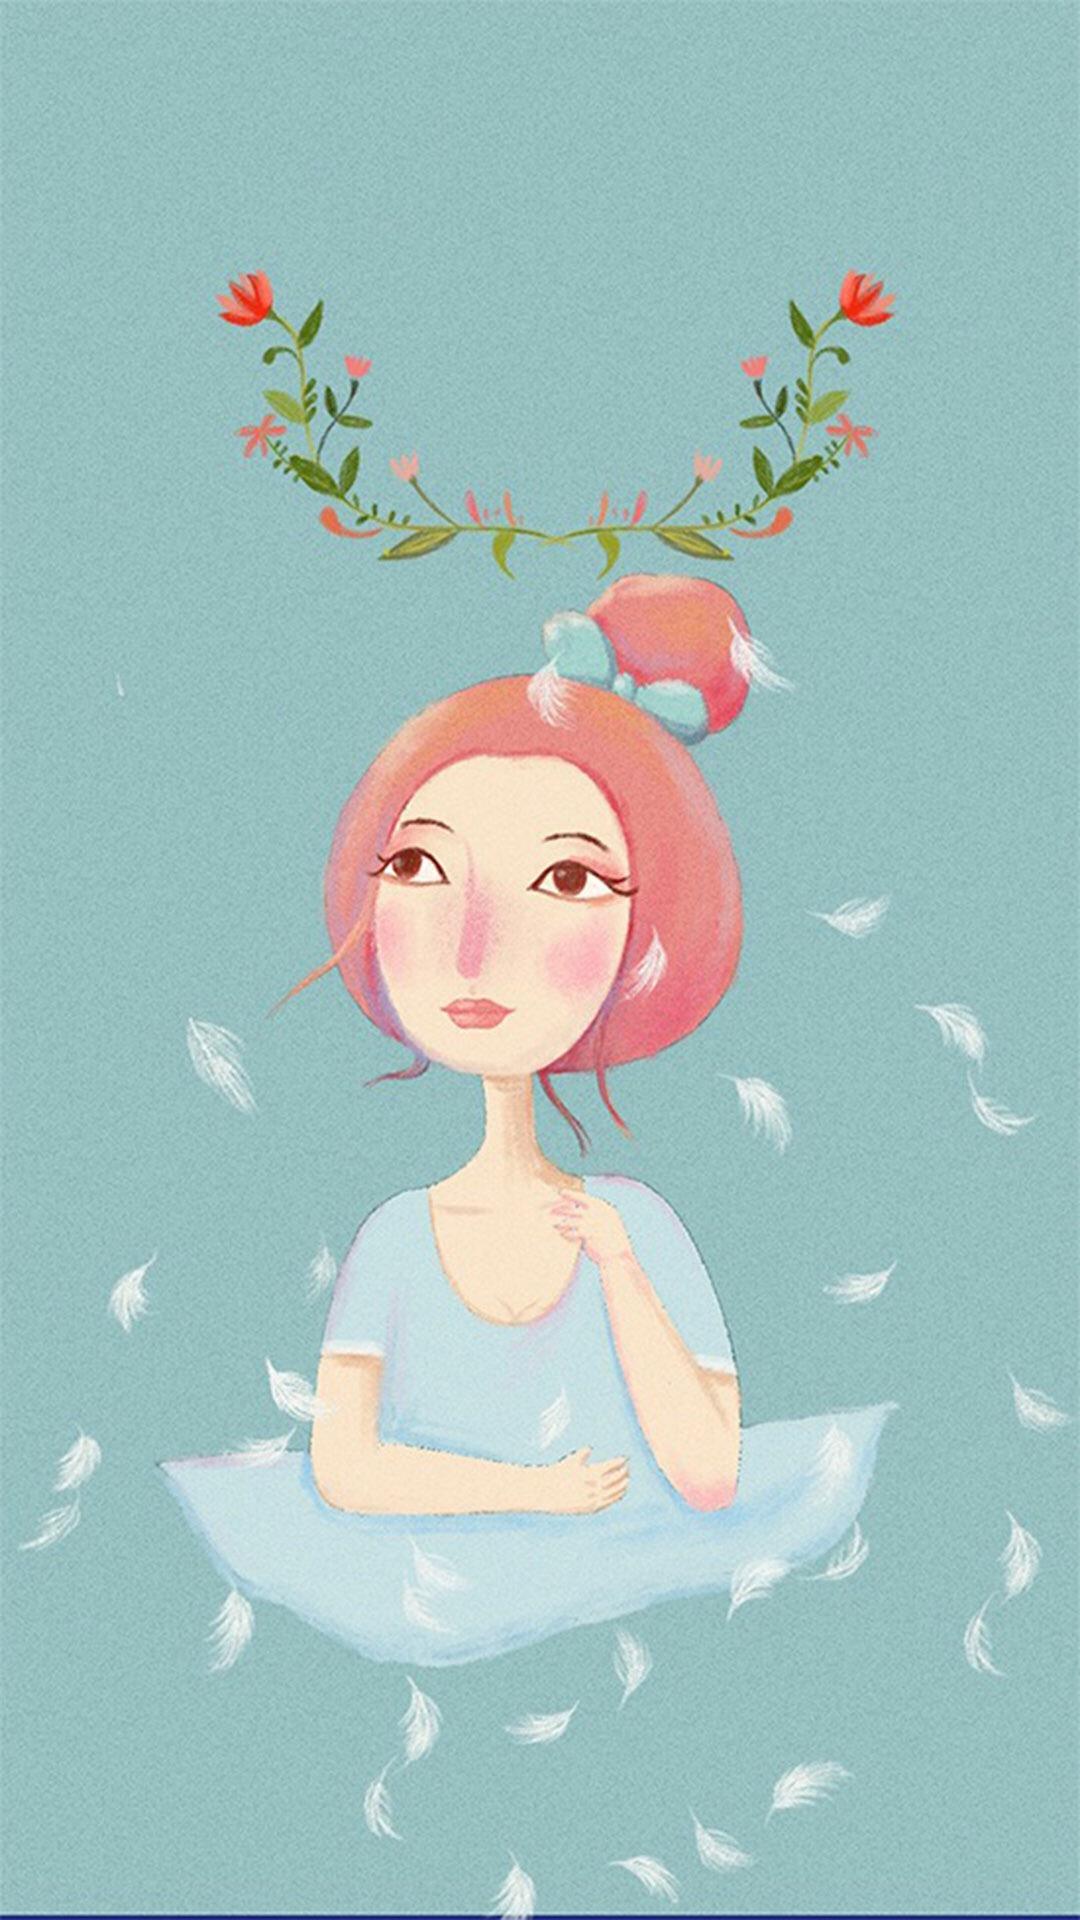 手绘女孩插画 苹果手机高清壁纸 1080x1920_爱思助手